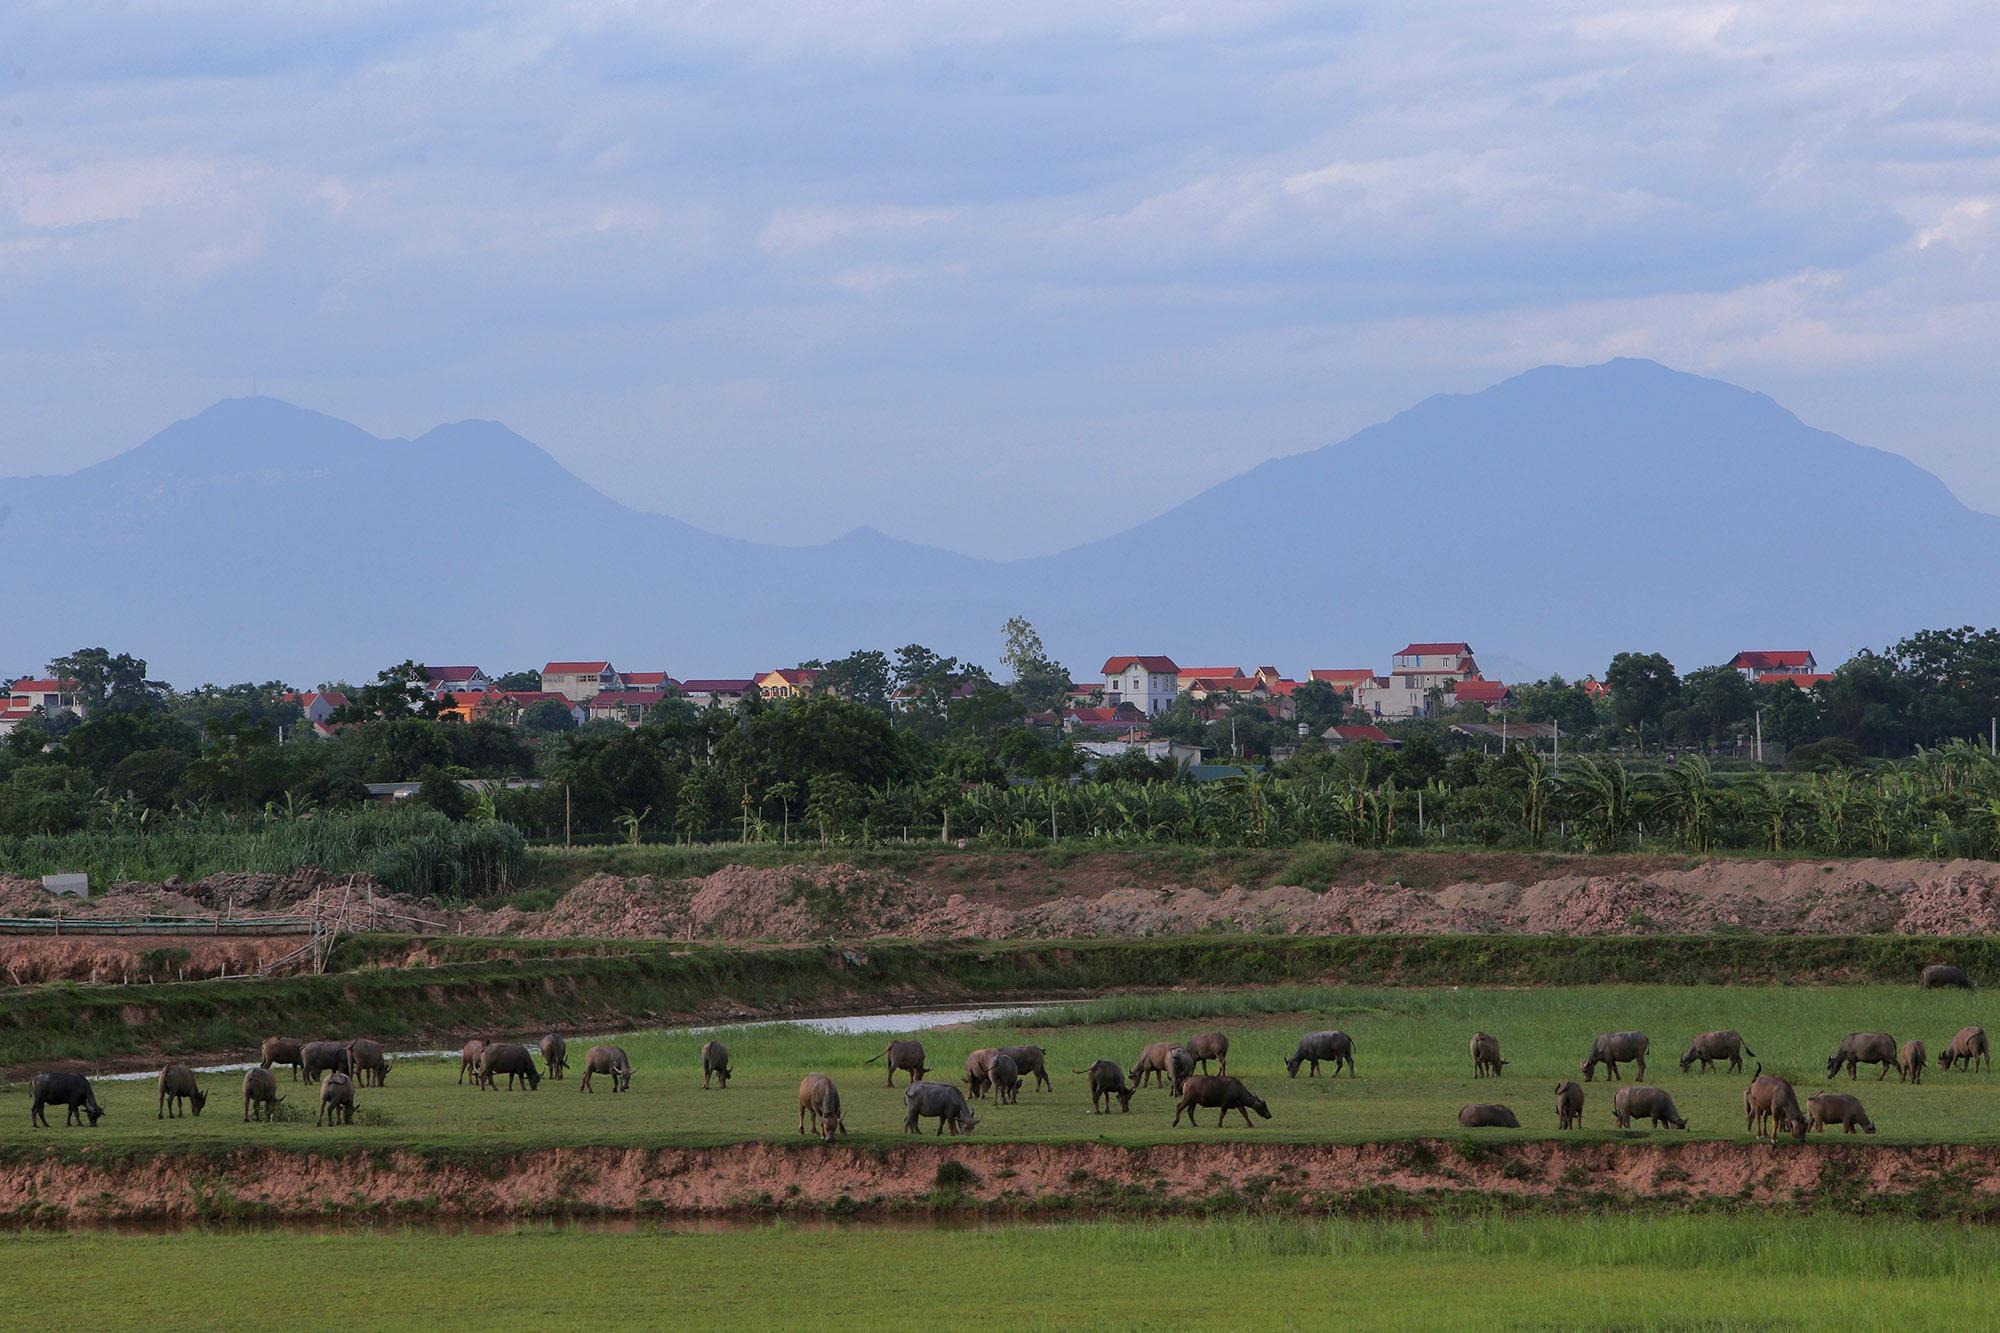 Phong cảnh bình yên nhìn từ những triền đê ở Hà Nội - 9